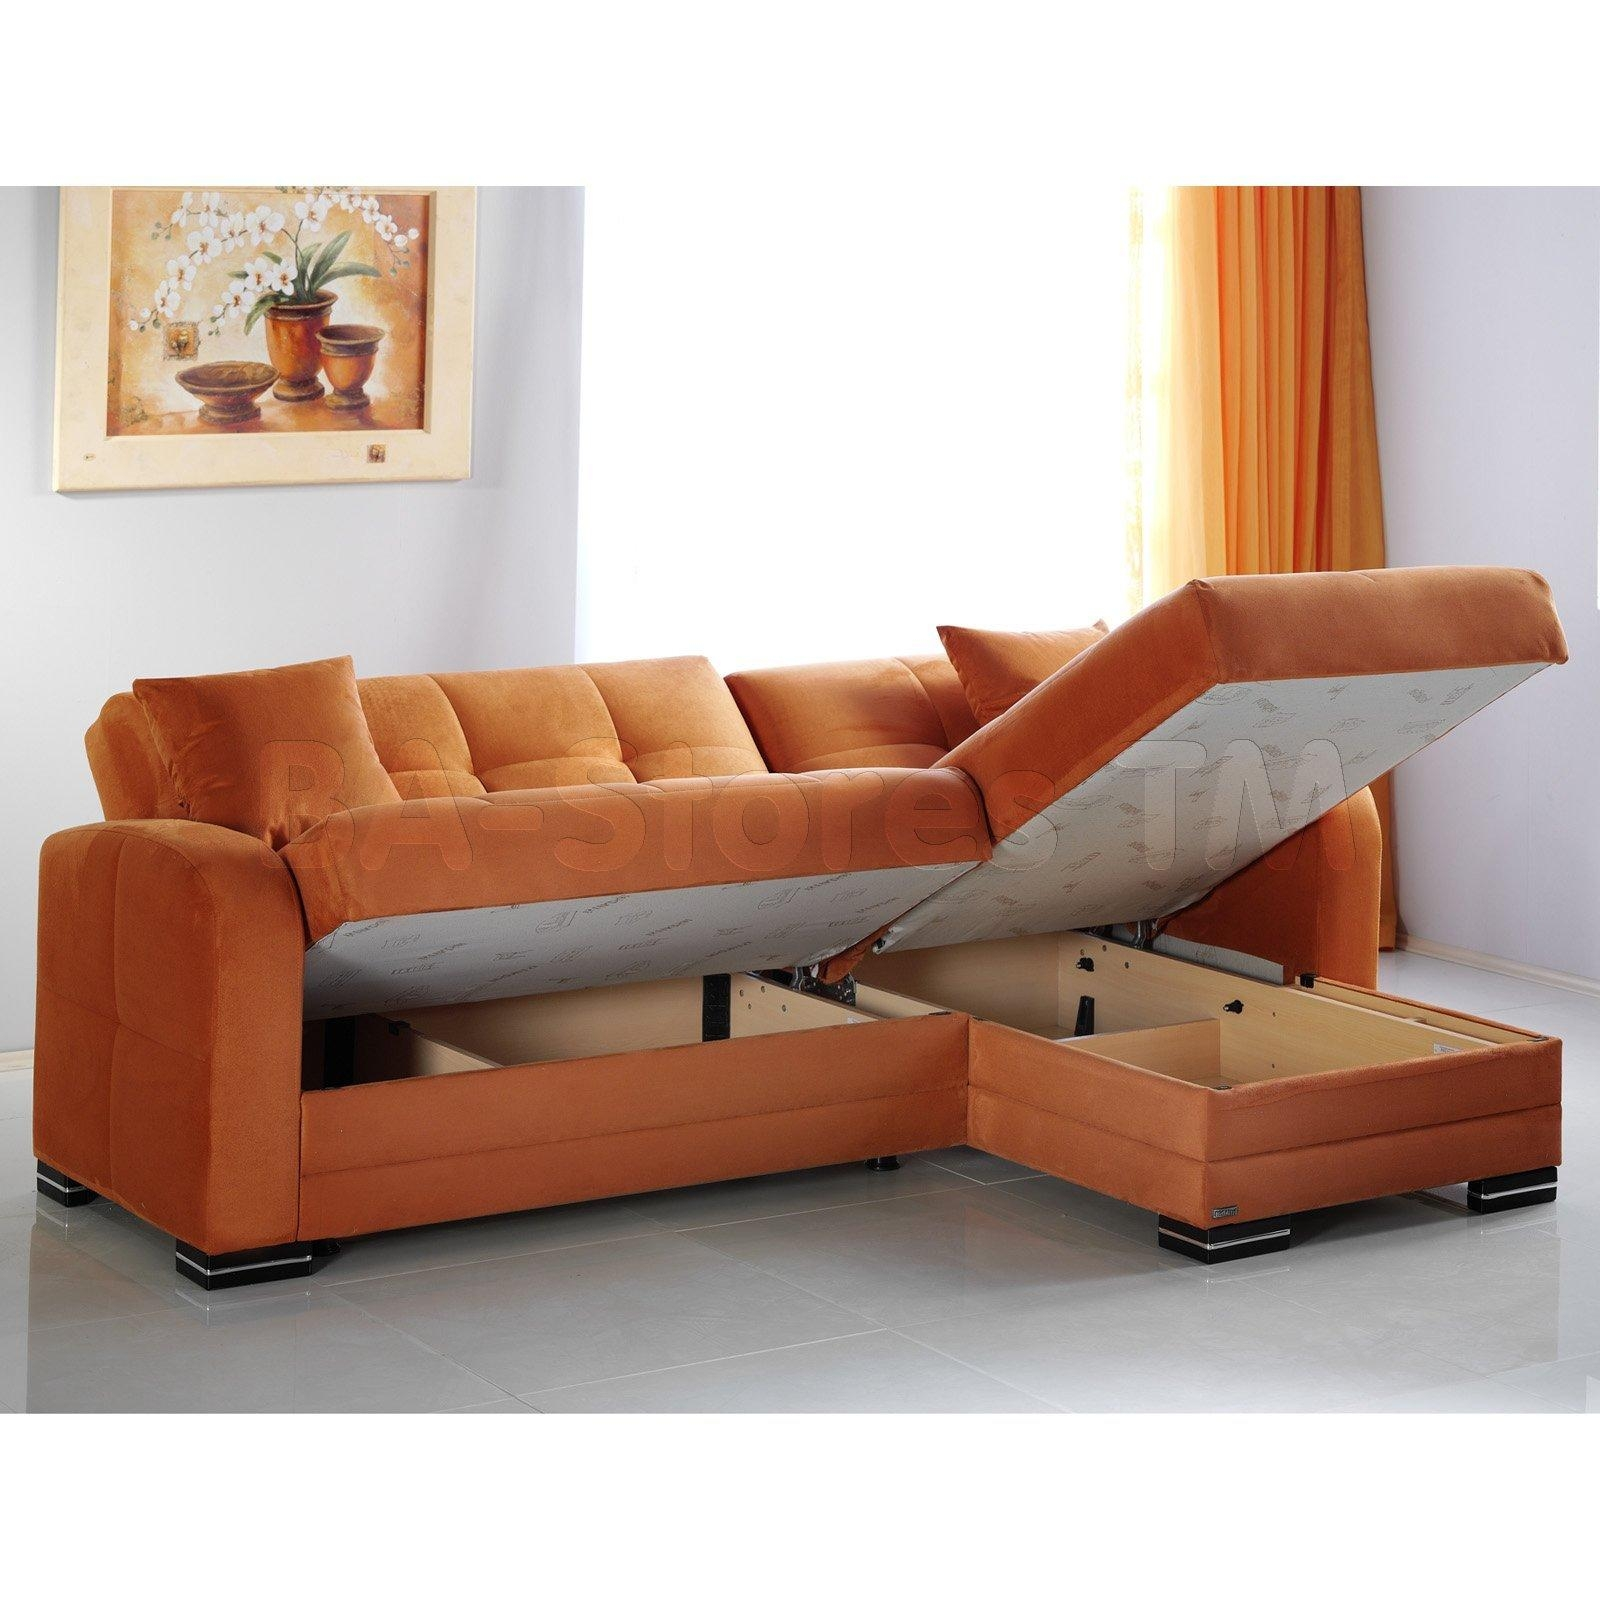 Istikbal Kubo Sectional Sofa | Rainbow Orange | Sectional Sofas Is With Orange Sectional Sofas (Image 11 of 20)